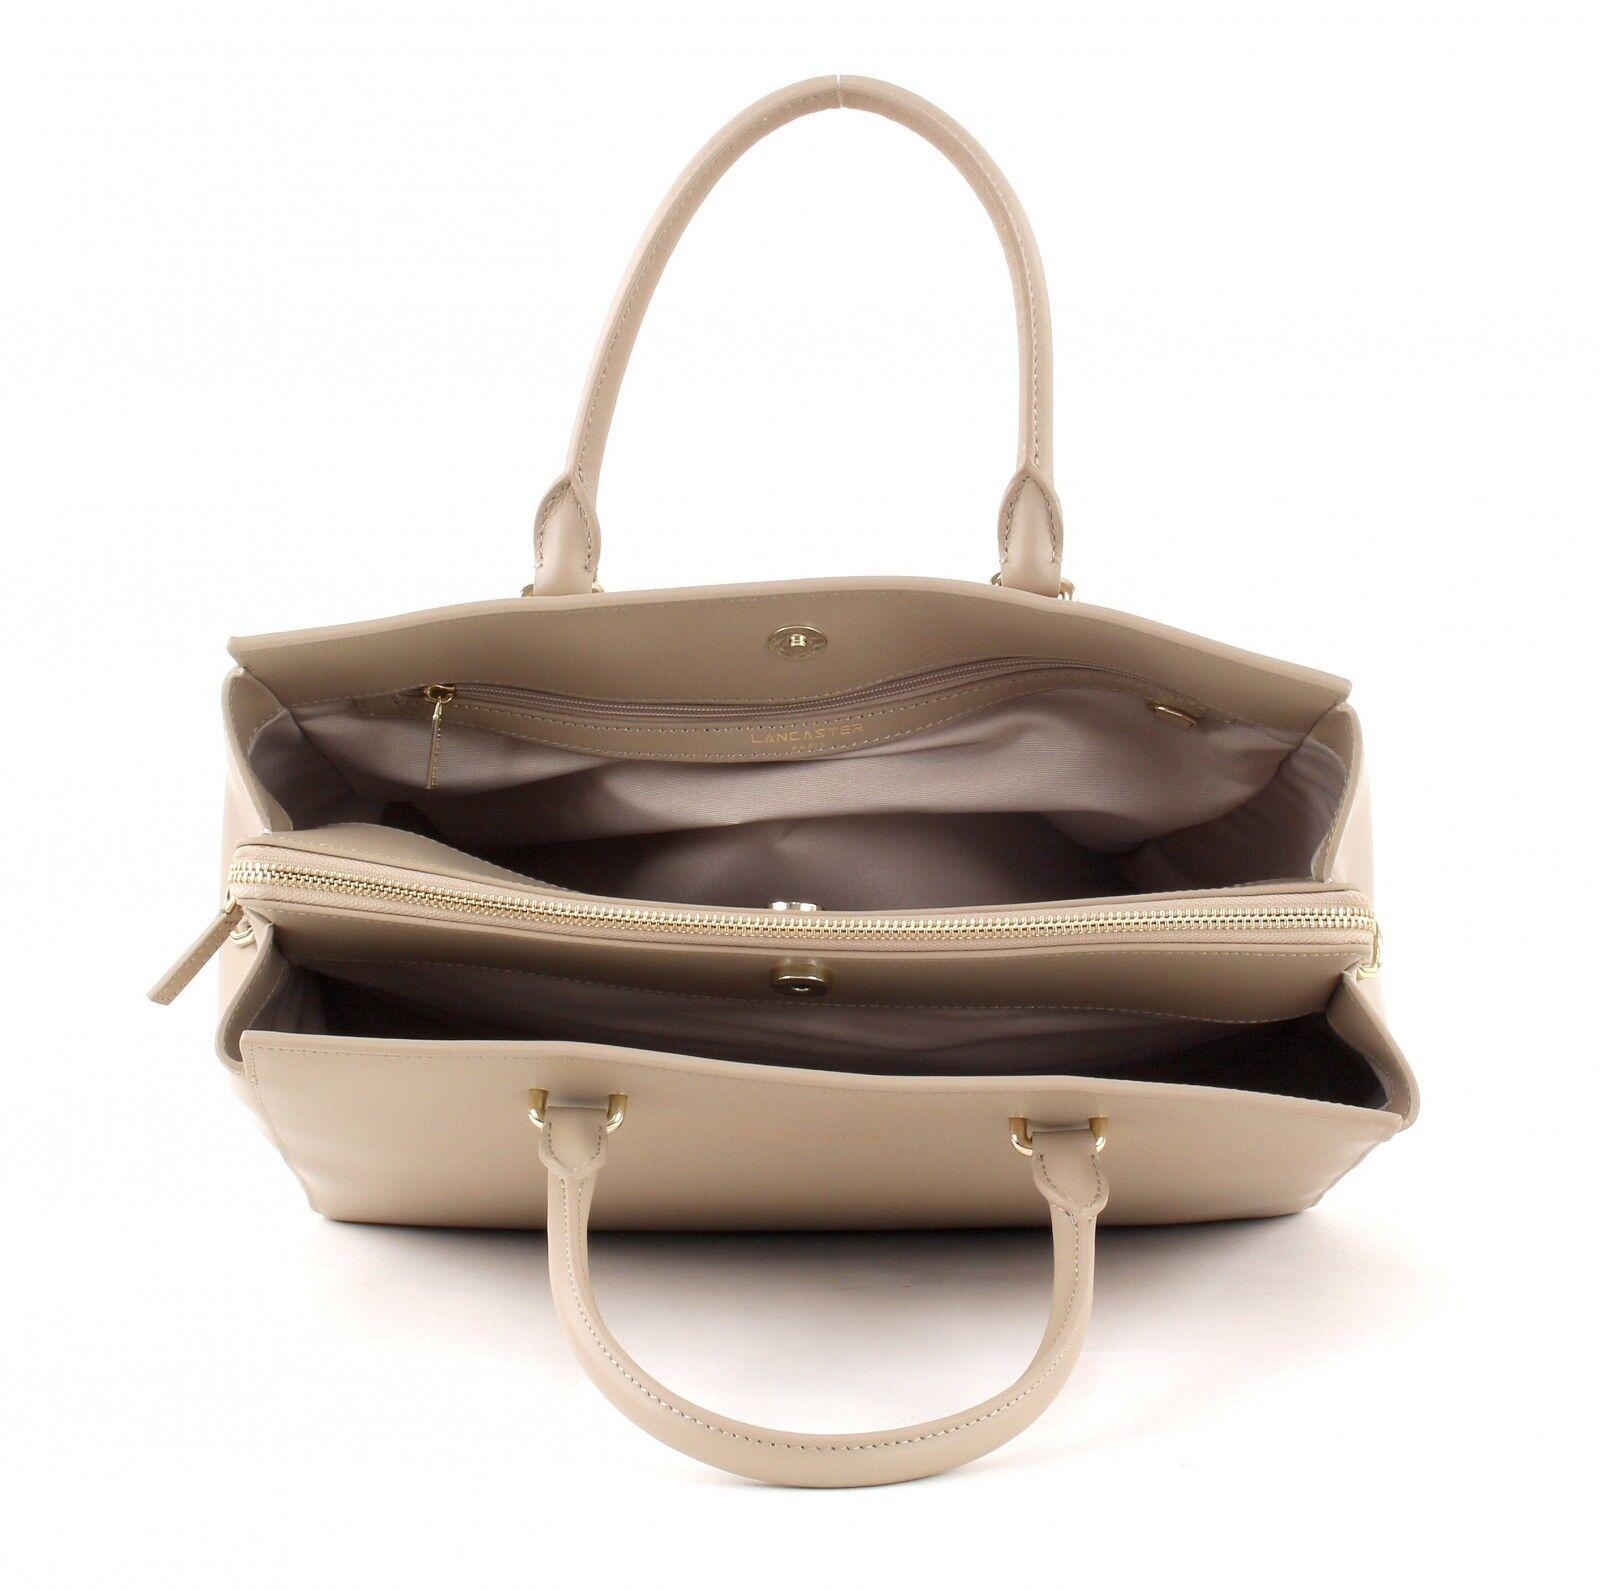 LANCASTER Camélia Hand Hand Hand Bag L Abendtasche Umhängetasche Beige | Discount  | Wir haben von unseren Kunden Lob erhalten.  | Erste Kunden Eine Vollständige Palette Von Spezifikationen  fc816a